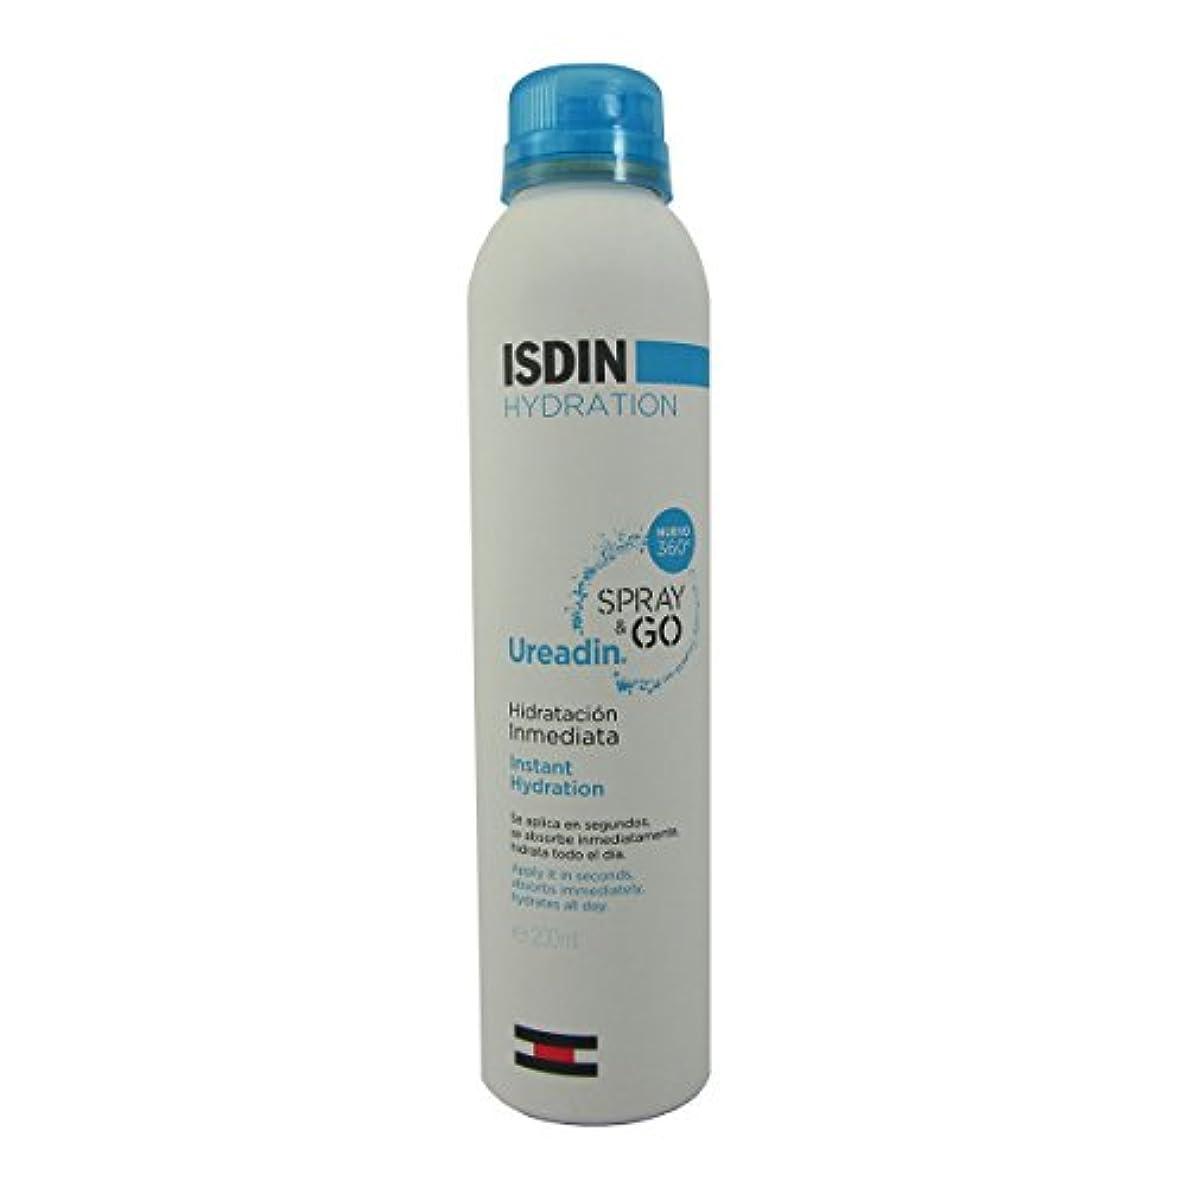 対象蒸排除するUreadin Spray And Go Immediate Hydration 200ml [並行輸入品]